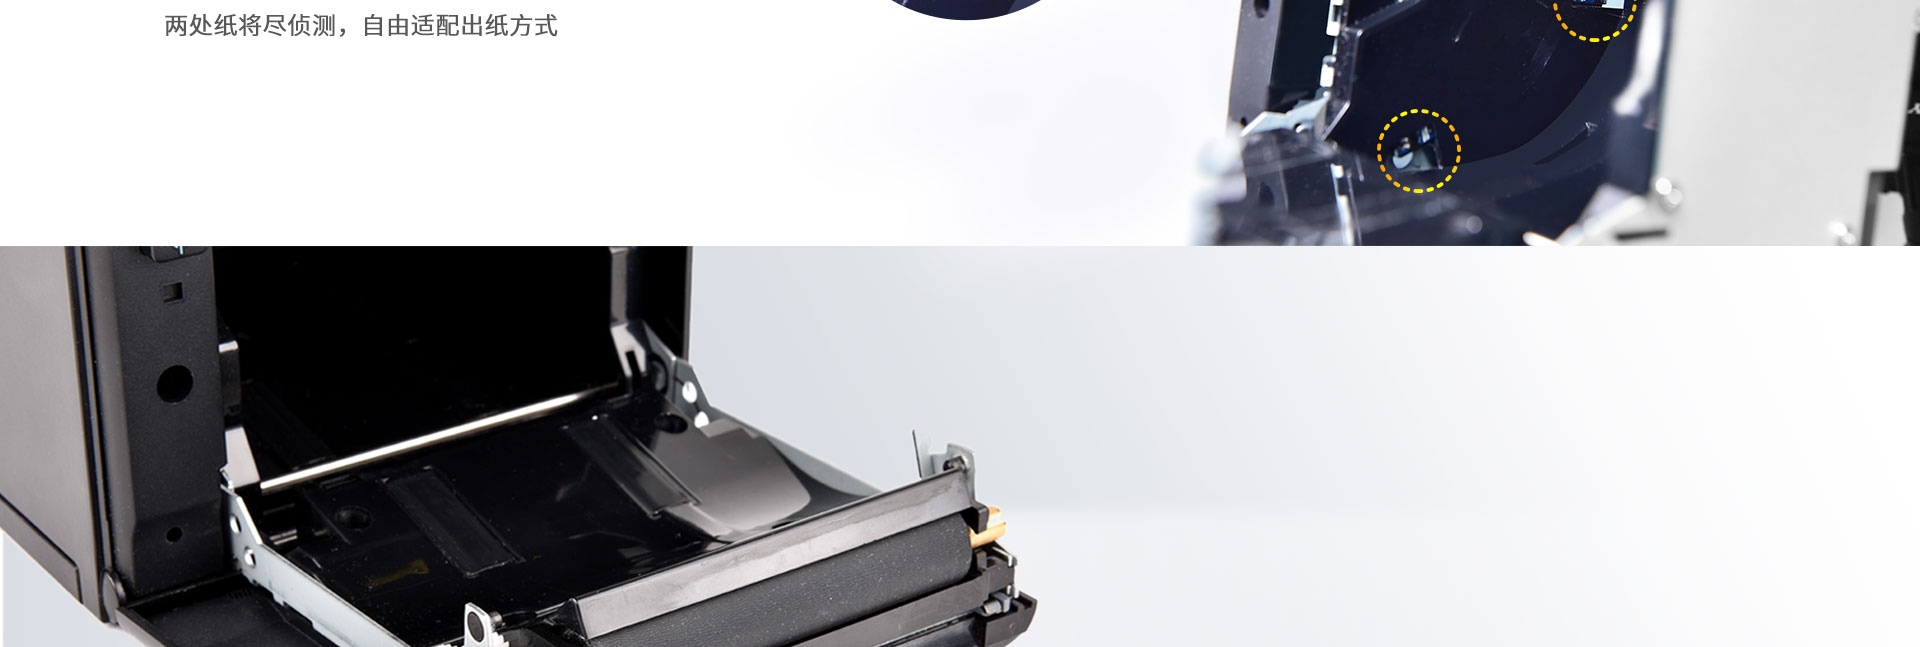 TP808立体时尚设计热敏票据打印机  第8张